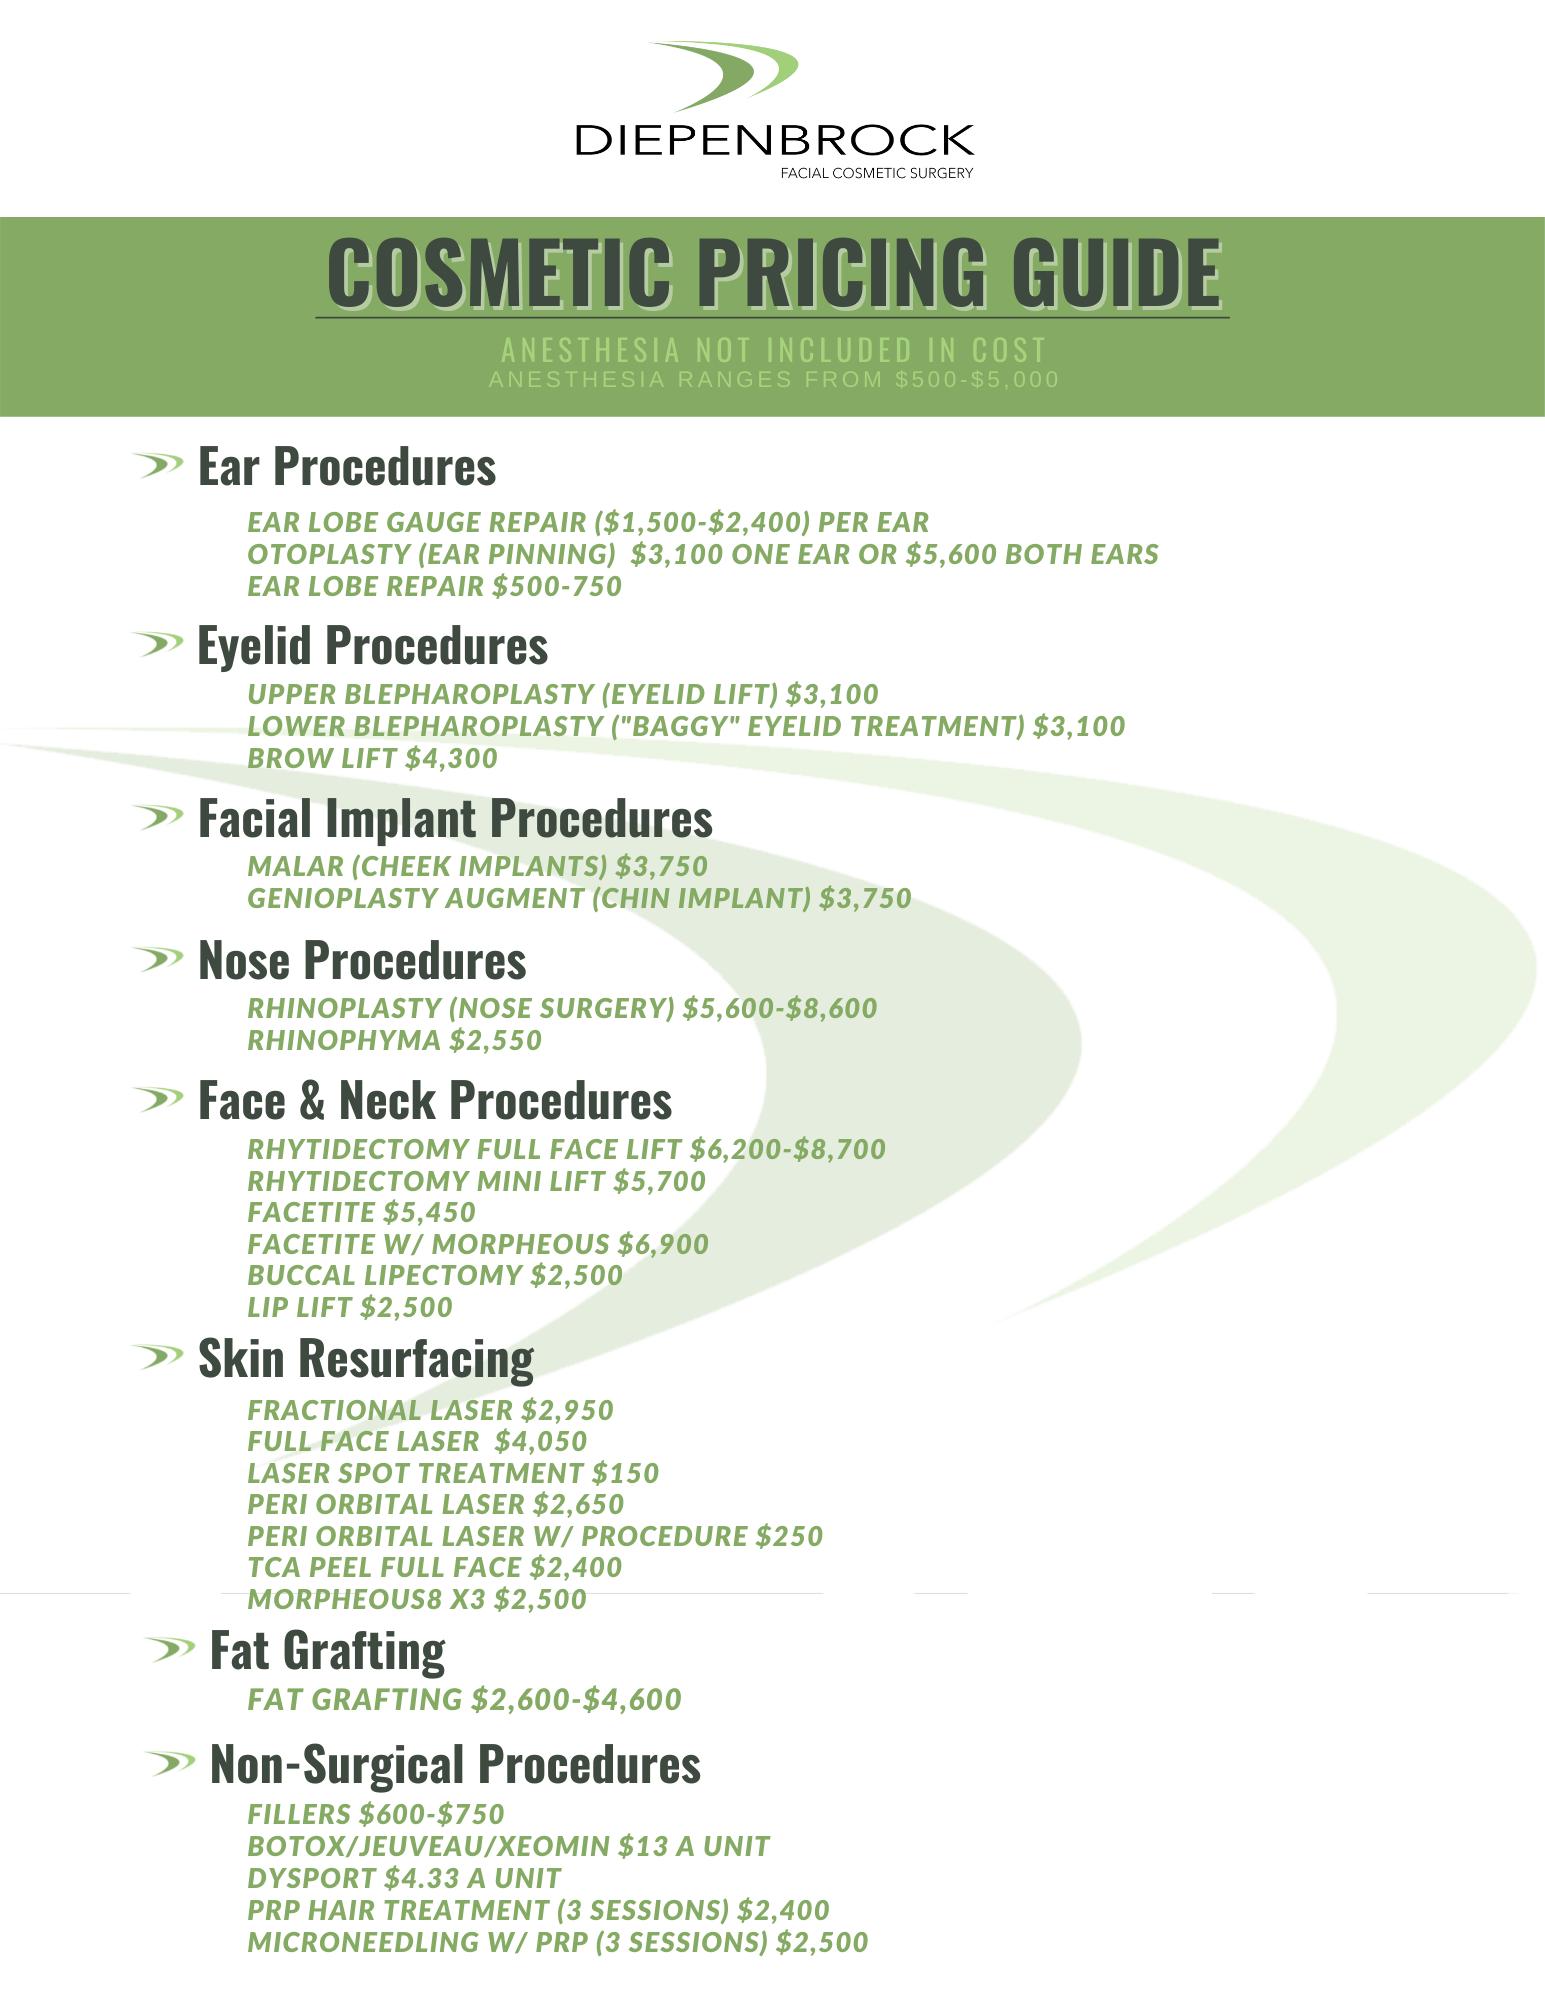 DFCS Price Sheet as of 07.2021